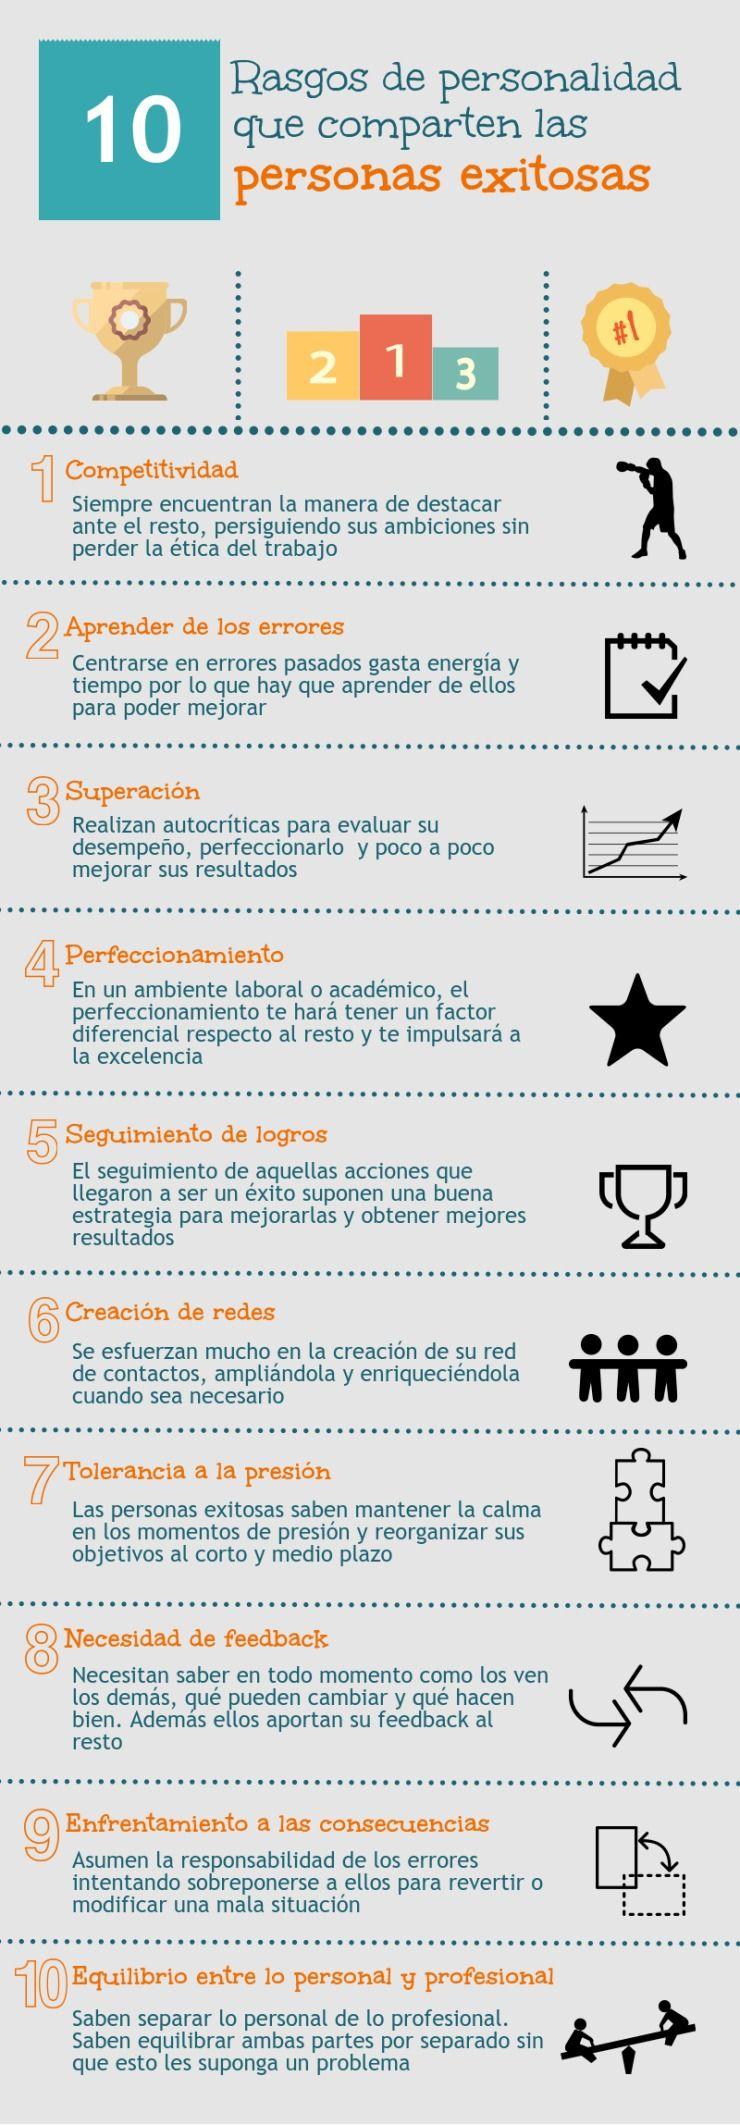 10 Rasgos De Personalidad De Las Personas De Exito Infografia Infographic Tics Y Formacion Rasgos De Personalidad Personas De Exito Personalidad